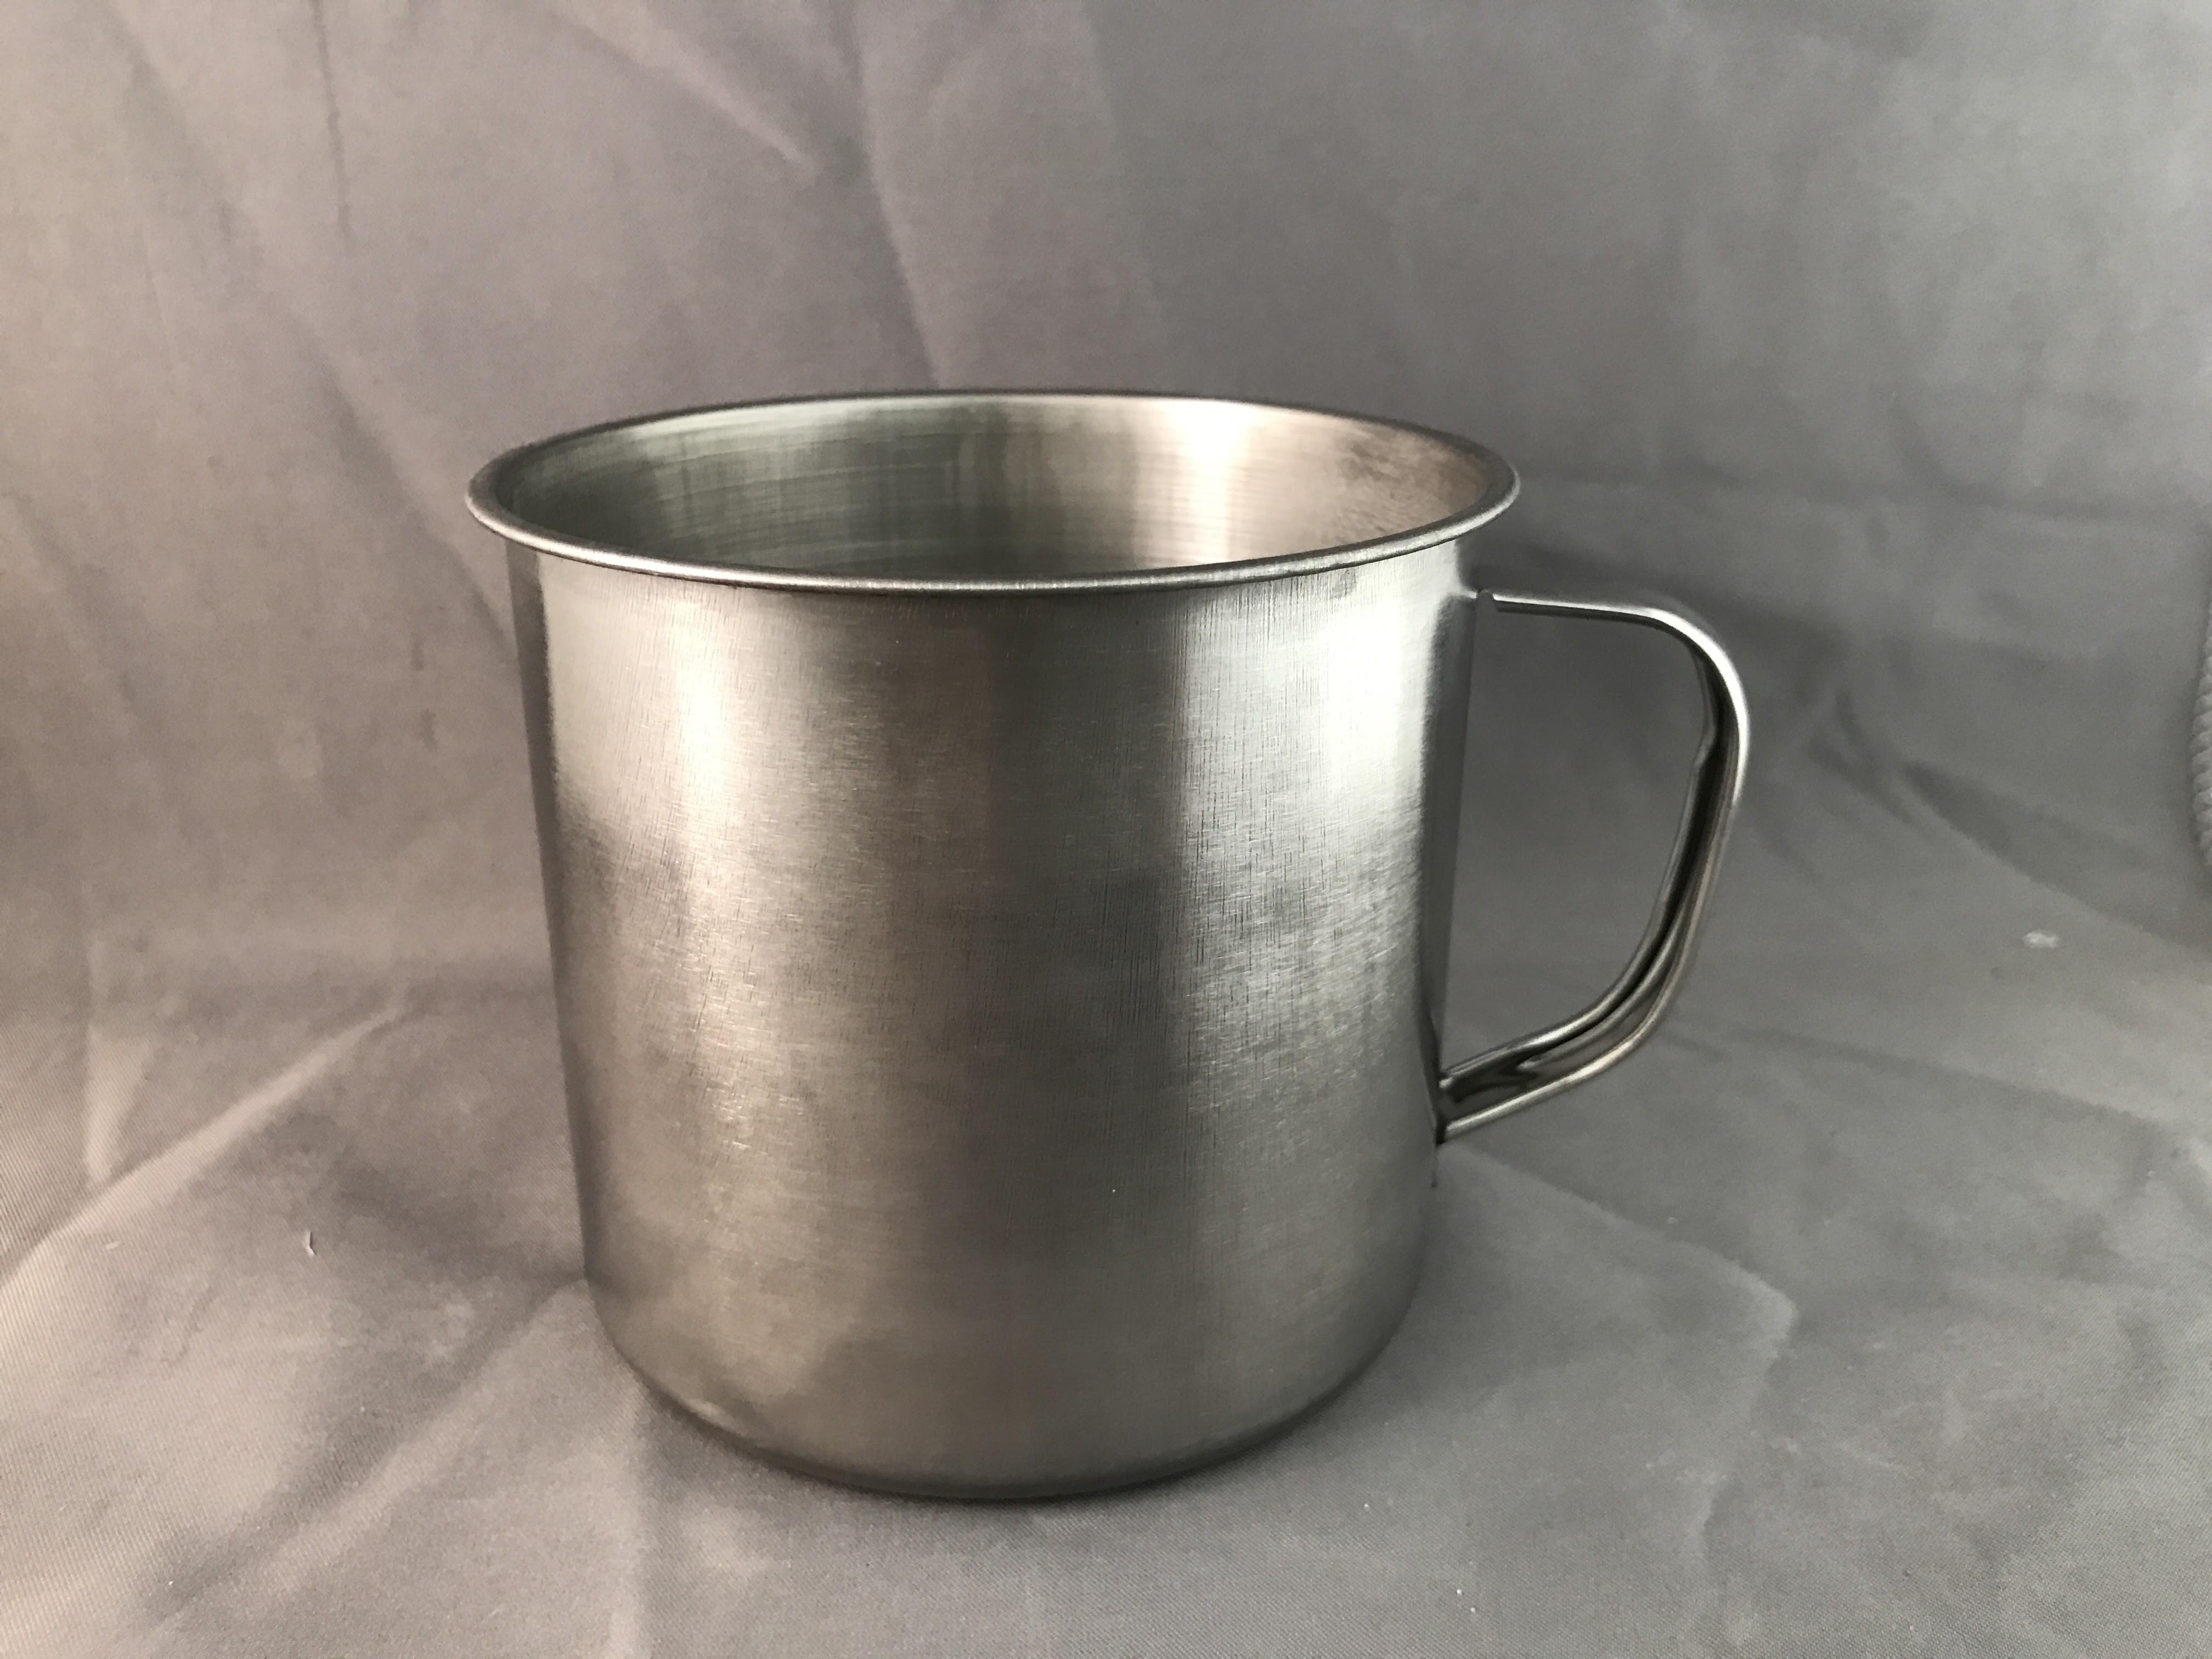 Stainless Steel Camping Mug